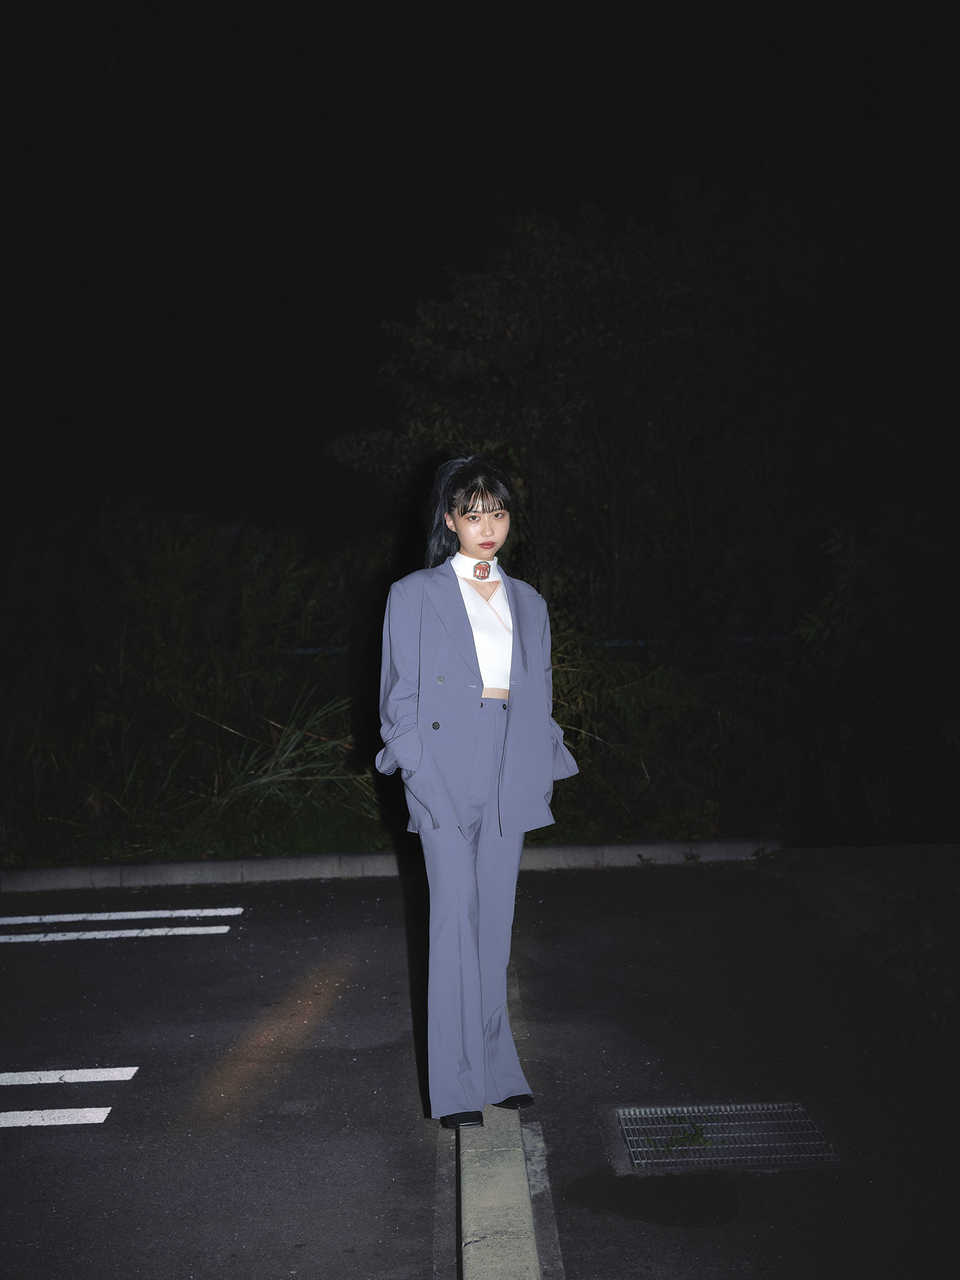 eill、1stアルバム「SPOTLIGHT」より「この夜が明けるまで」がデジタル・リリース!